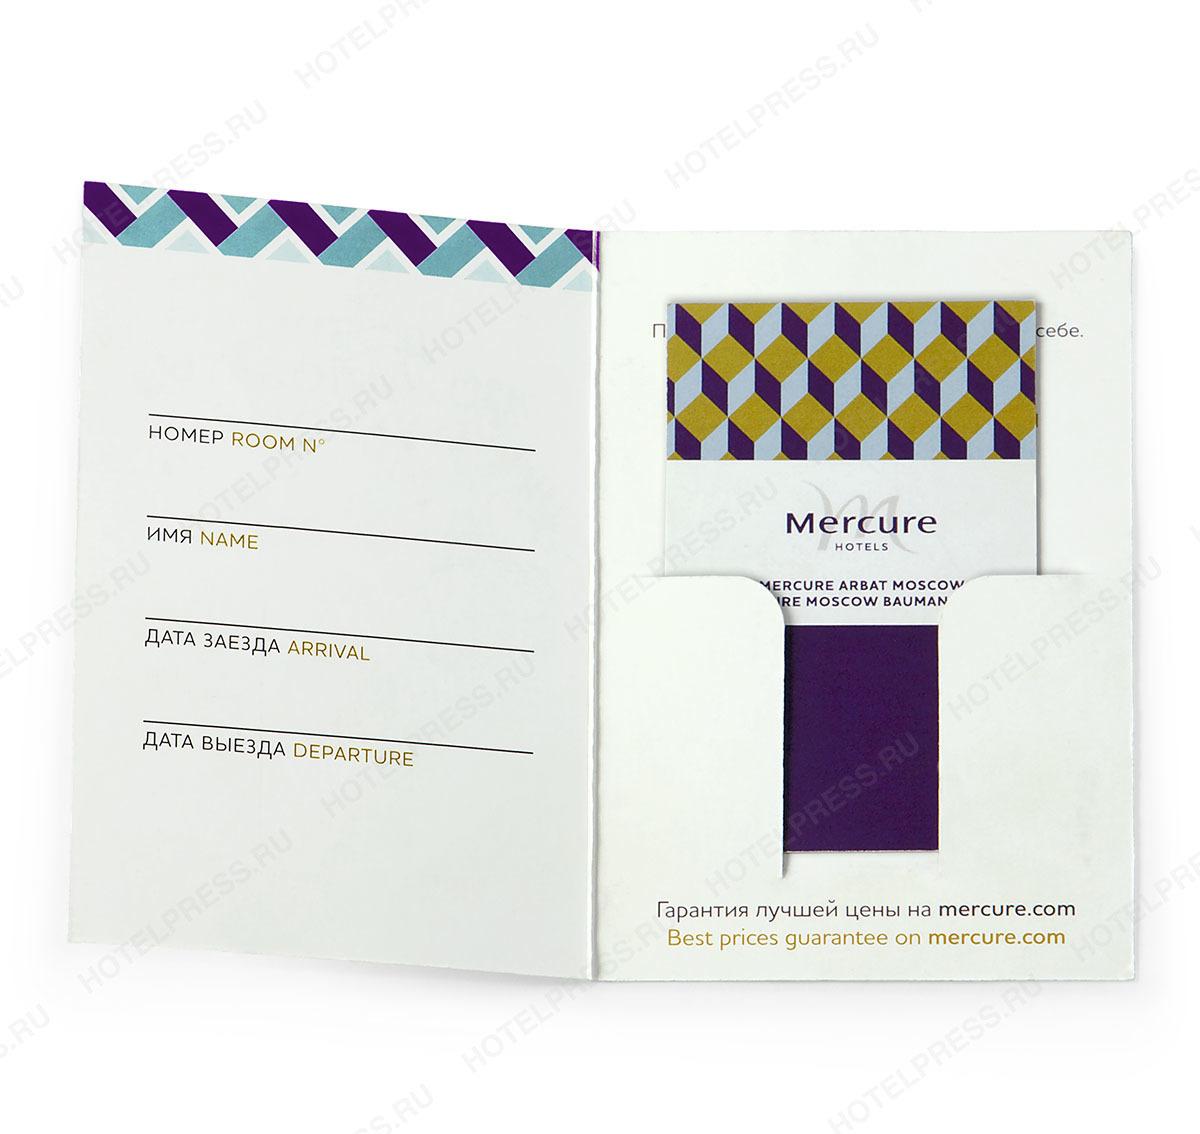 Картхолдер конверт для ключ карты или пластиковой карты 80х116 мм